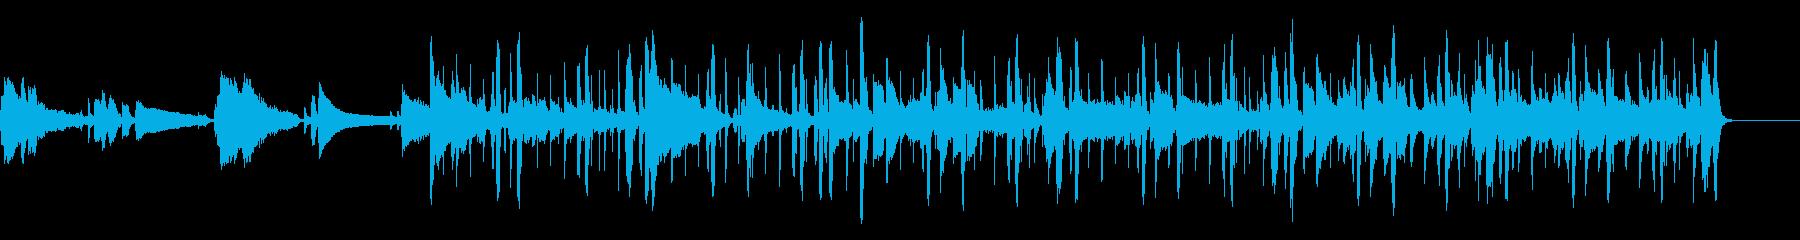 うけるファンキーな曲 の再生済みの波形